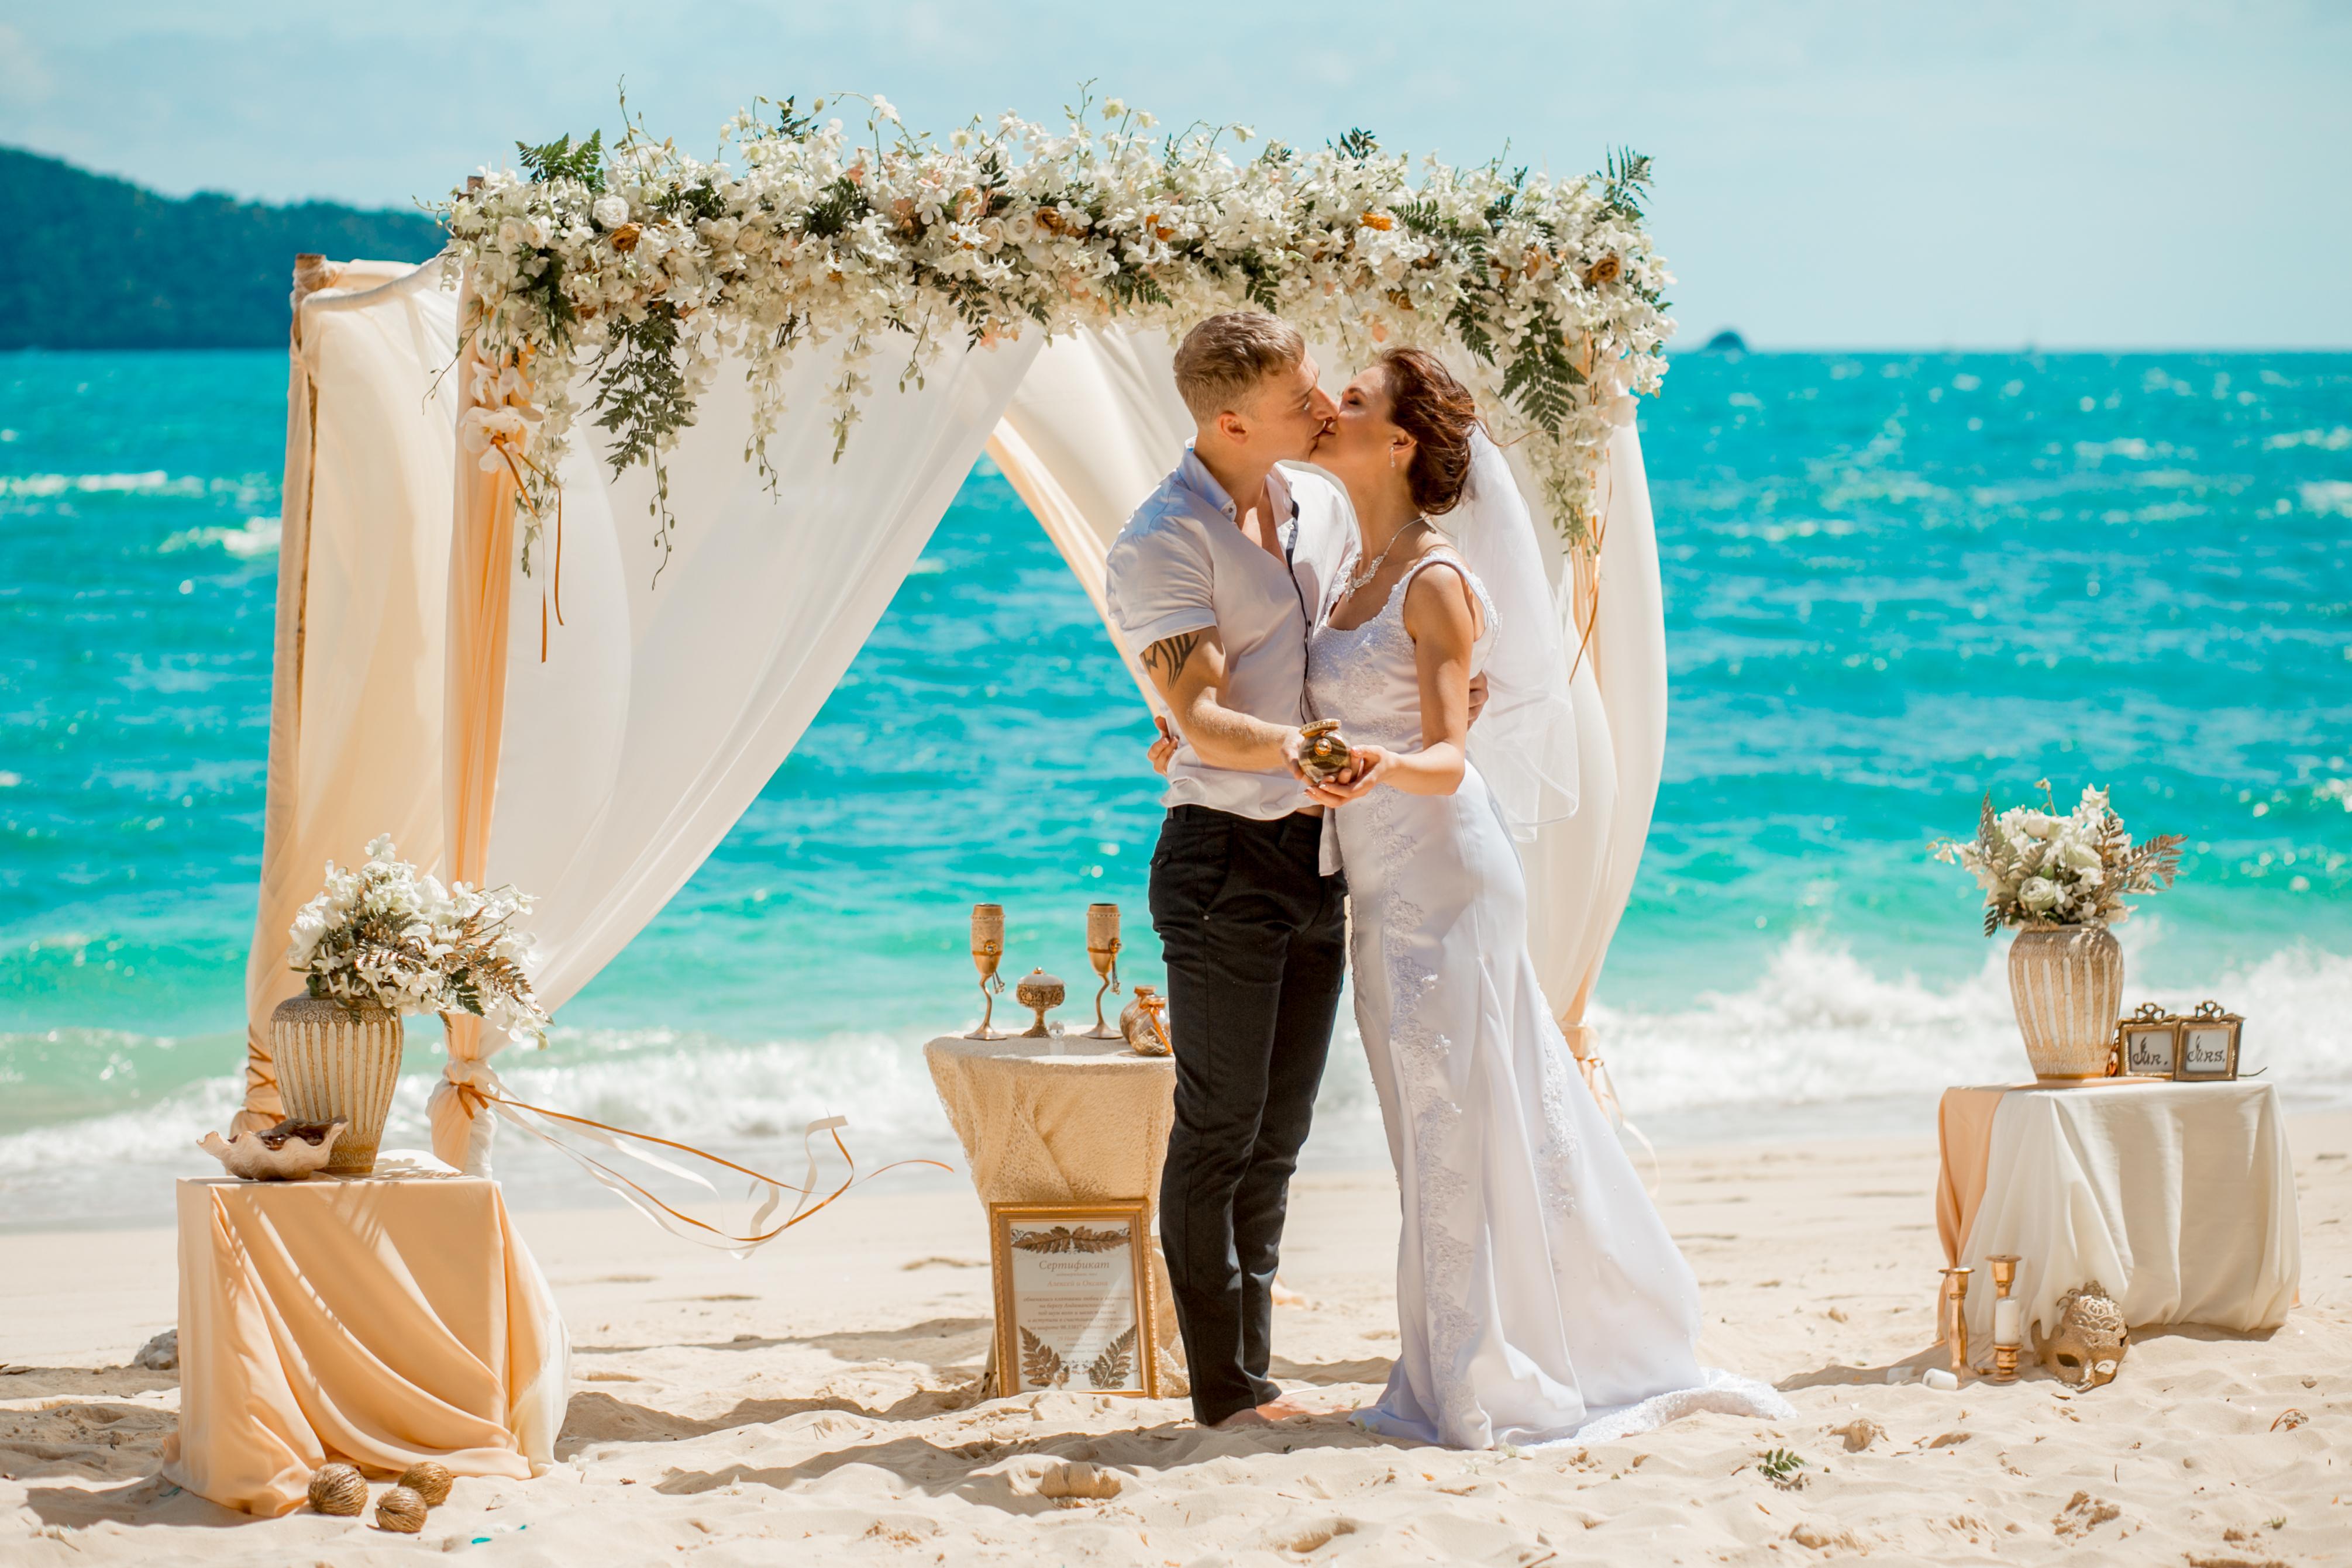 напоминают картинка свадьба пляж жюри побывали